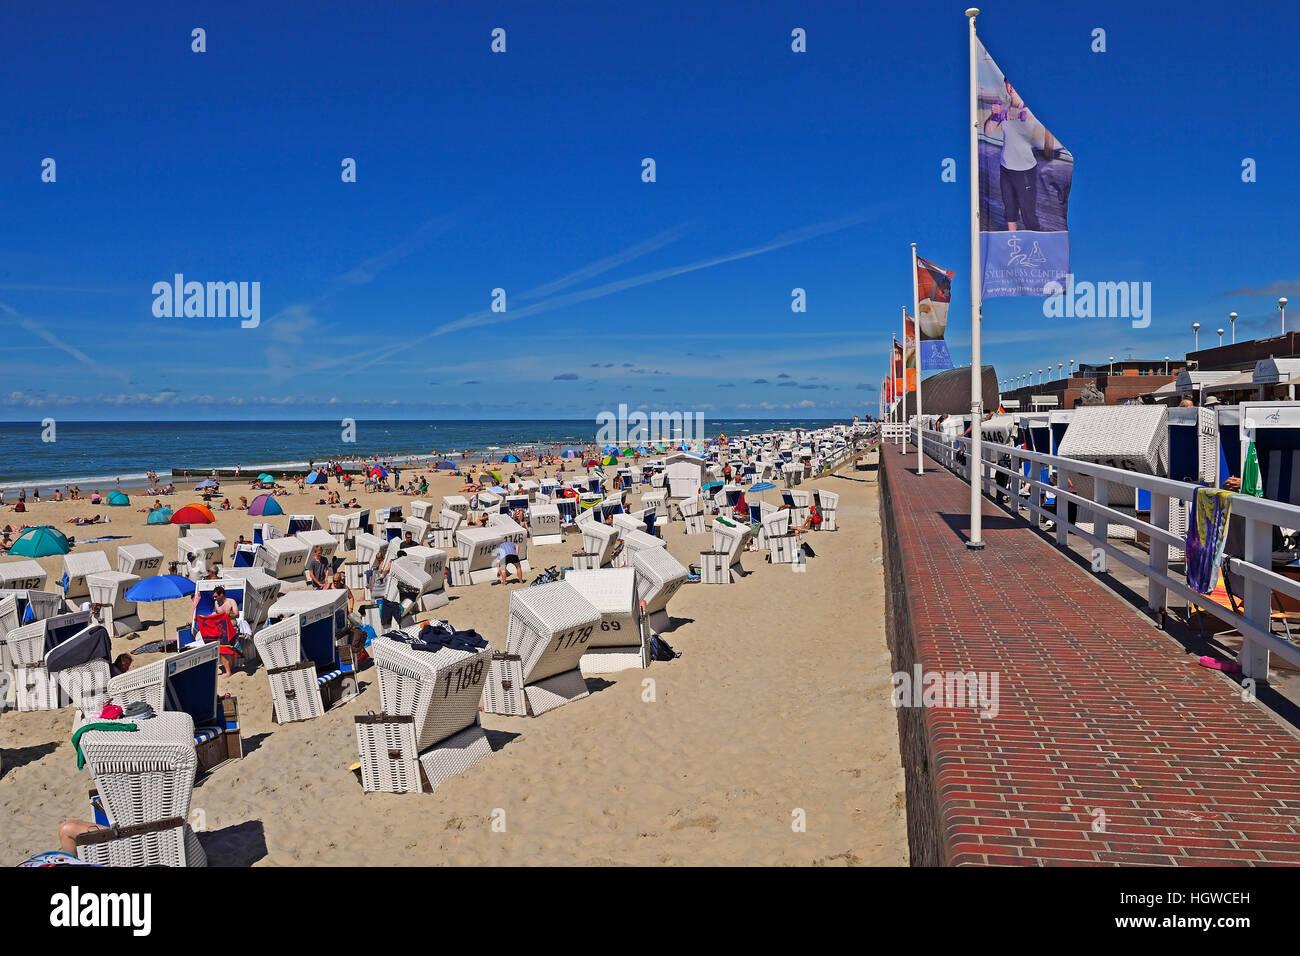 Touristen und Strandkoerbe am Hauptstrand von Westerland, Sylt, nordfriesische Inseln, Nordfriesland, Schleswig - Stock Image